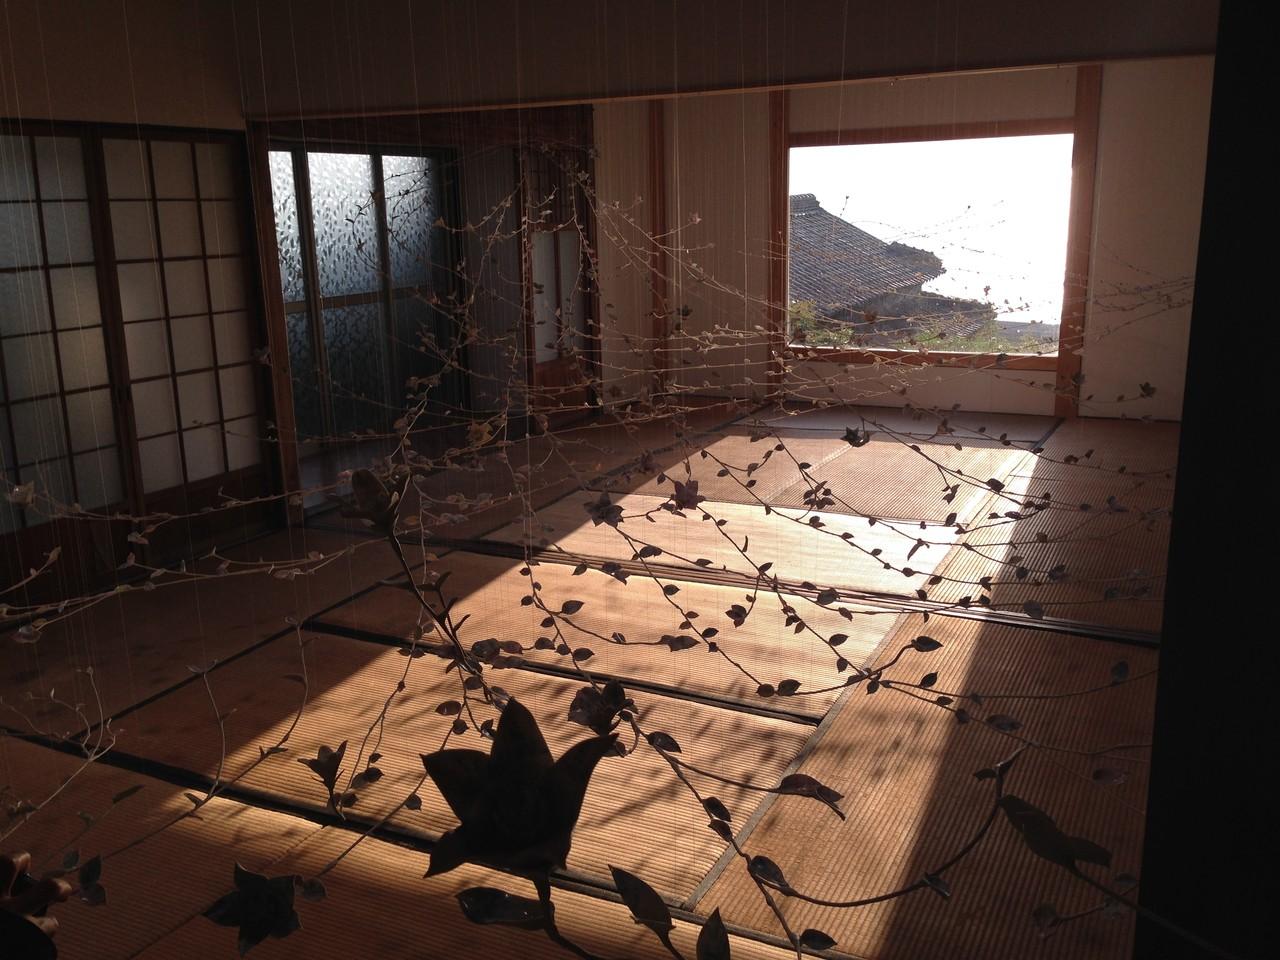 海が見える窓から、室内に波が入ってくるかのような光景を表現するインスタレーション。